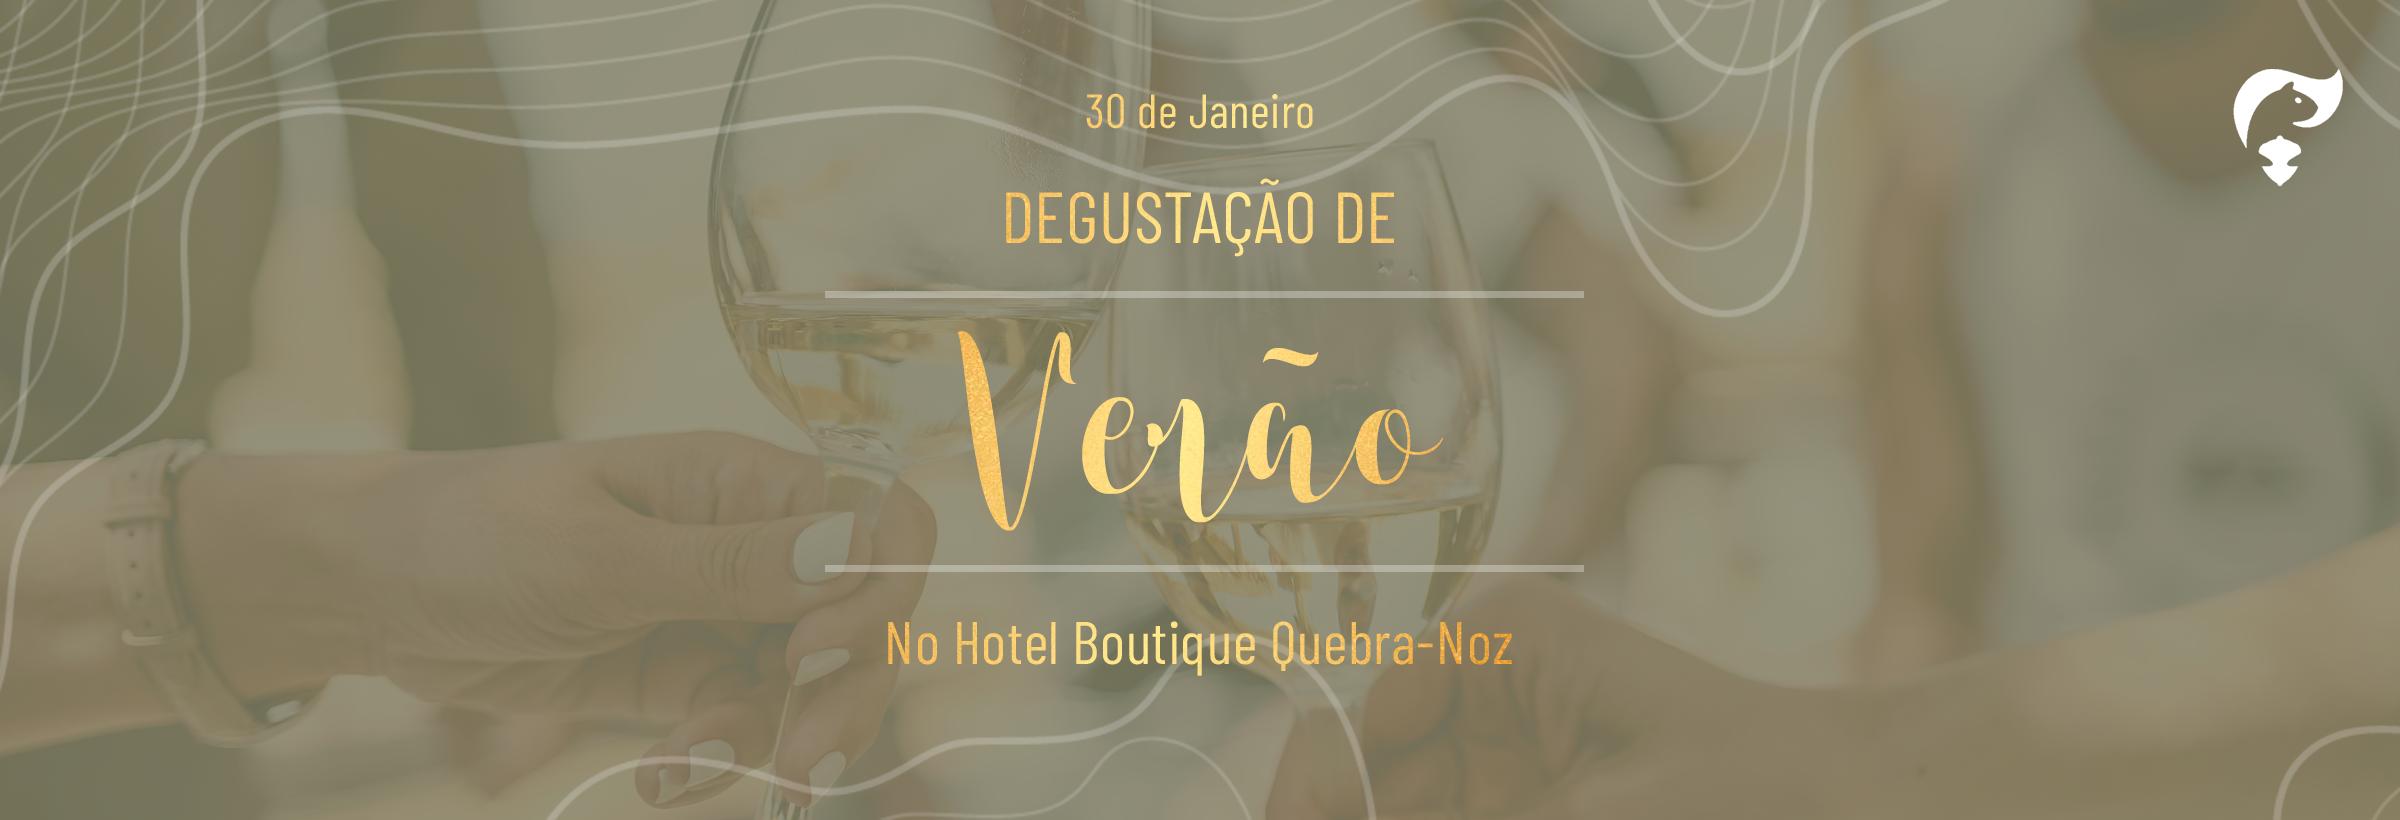 hotel-boutique-quebra-noz-degustcao-verao